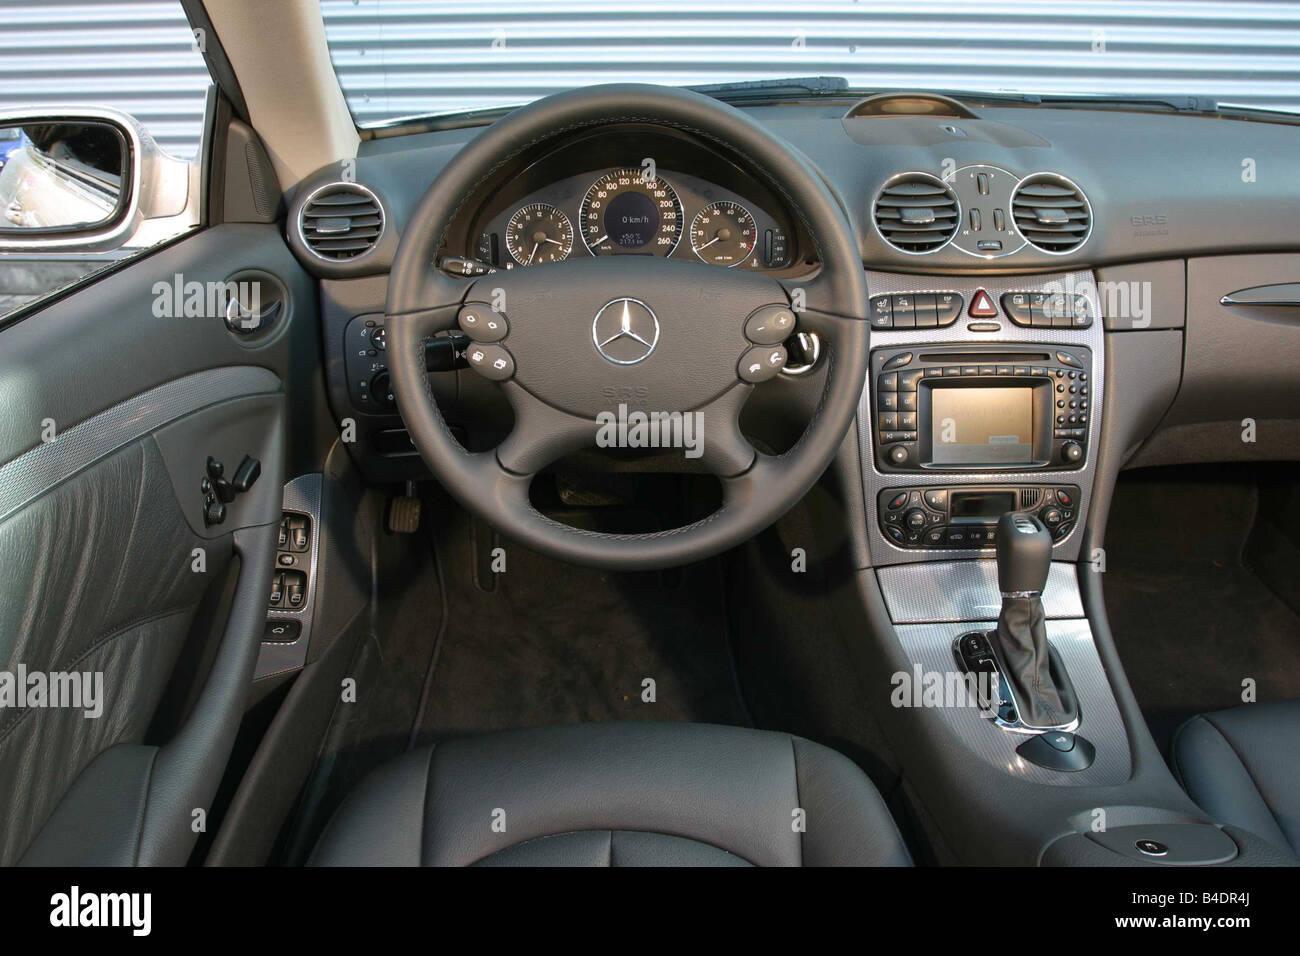 Auto, Mercedes CLK 320 Cabrio, Model Year 2003-Silber, innere ...